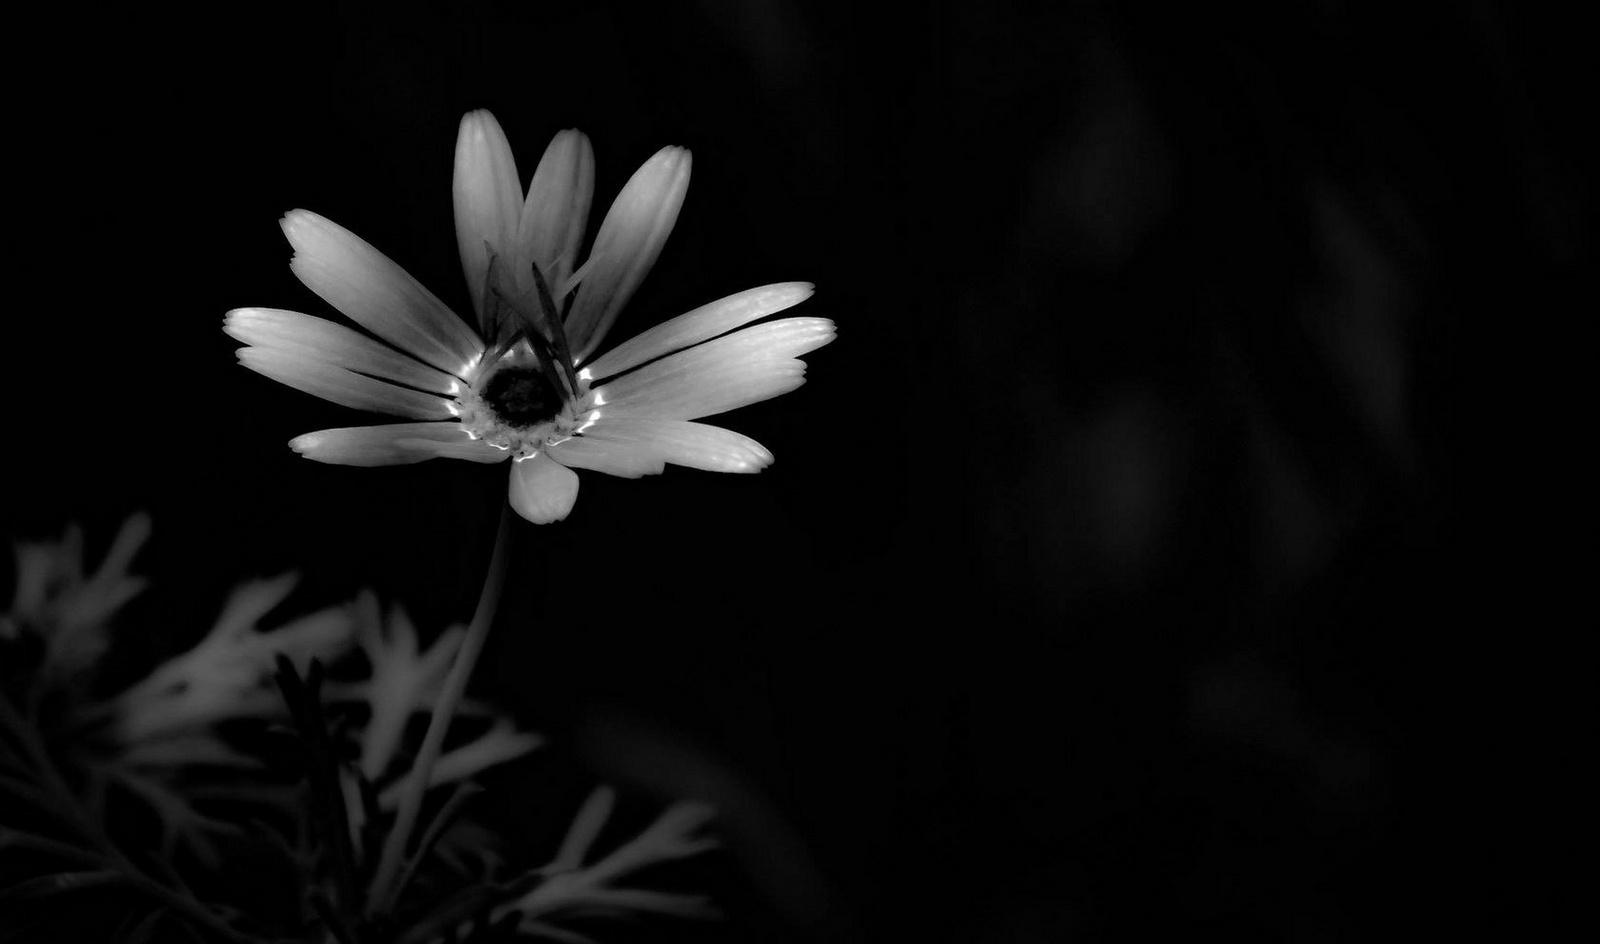 Egy szál virágBBBBBB